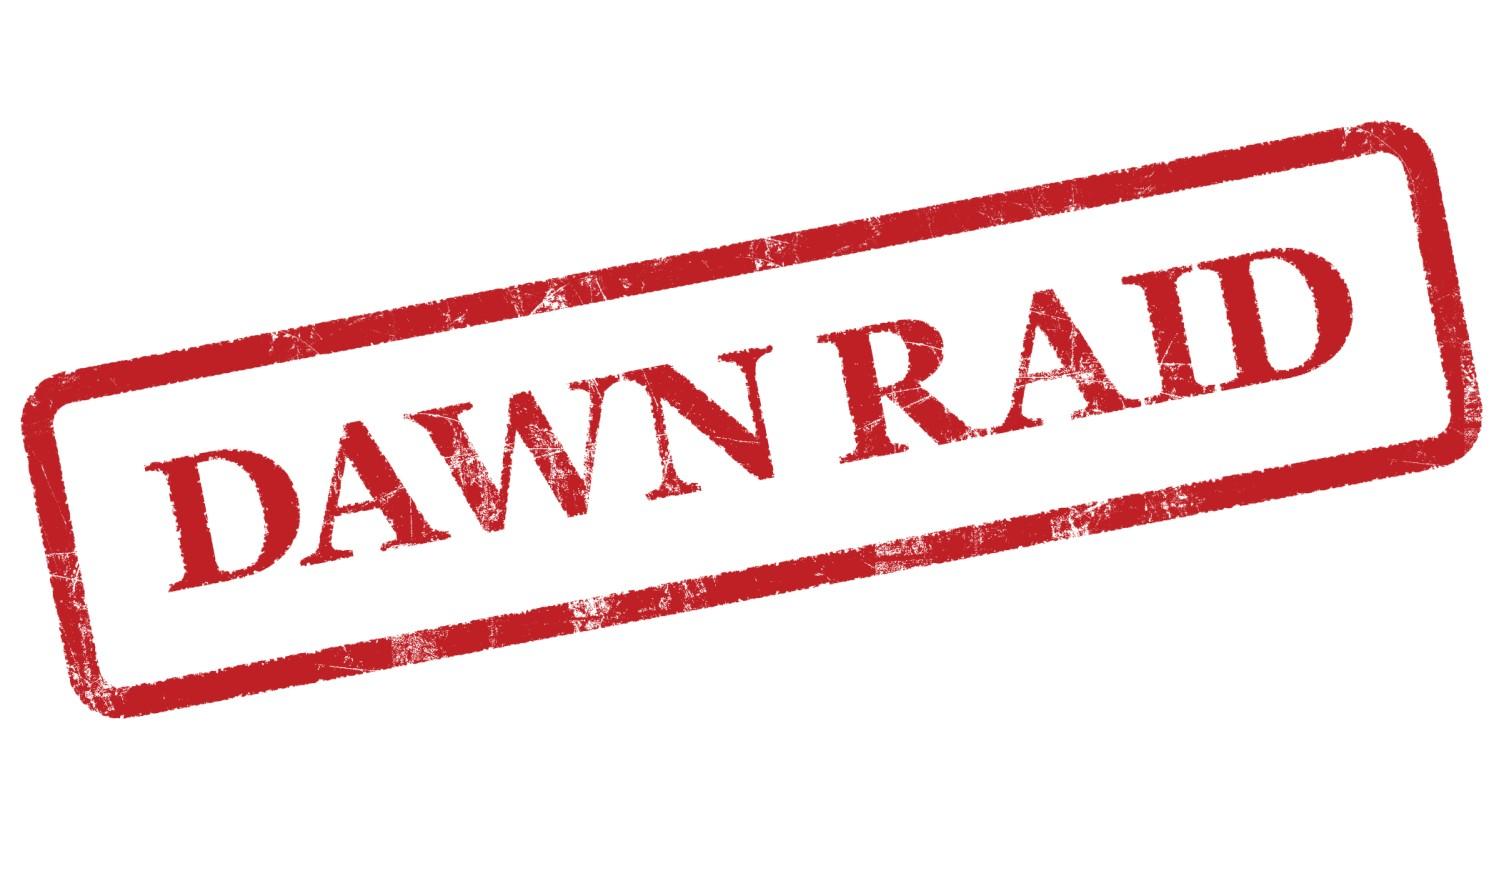 Dawn raid C-law